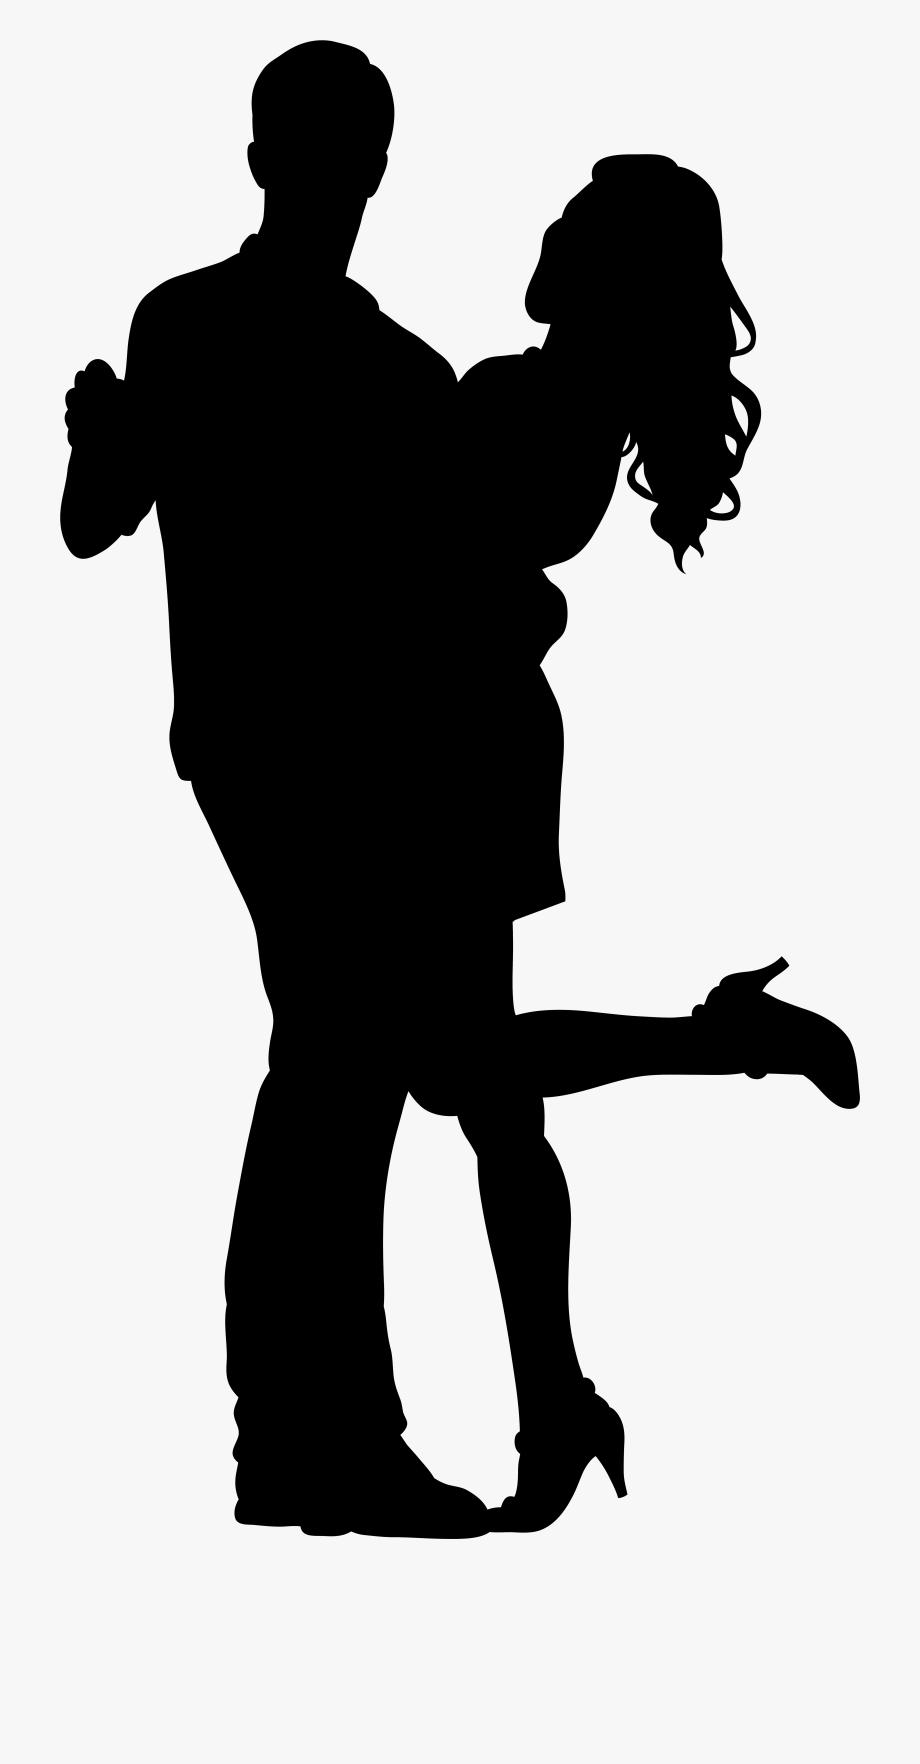 Dancers silhouette png transparent. Dancer clipart couple dance